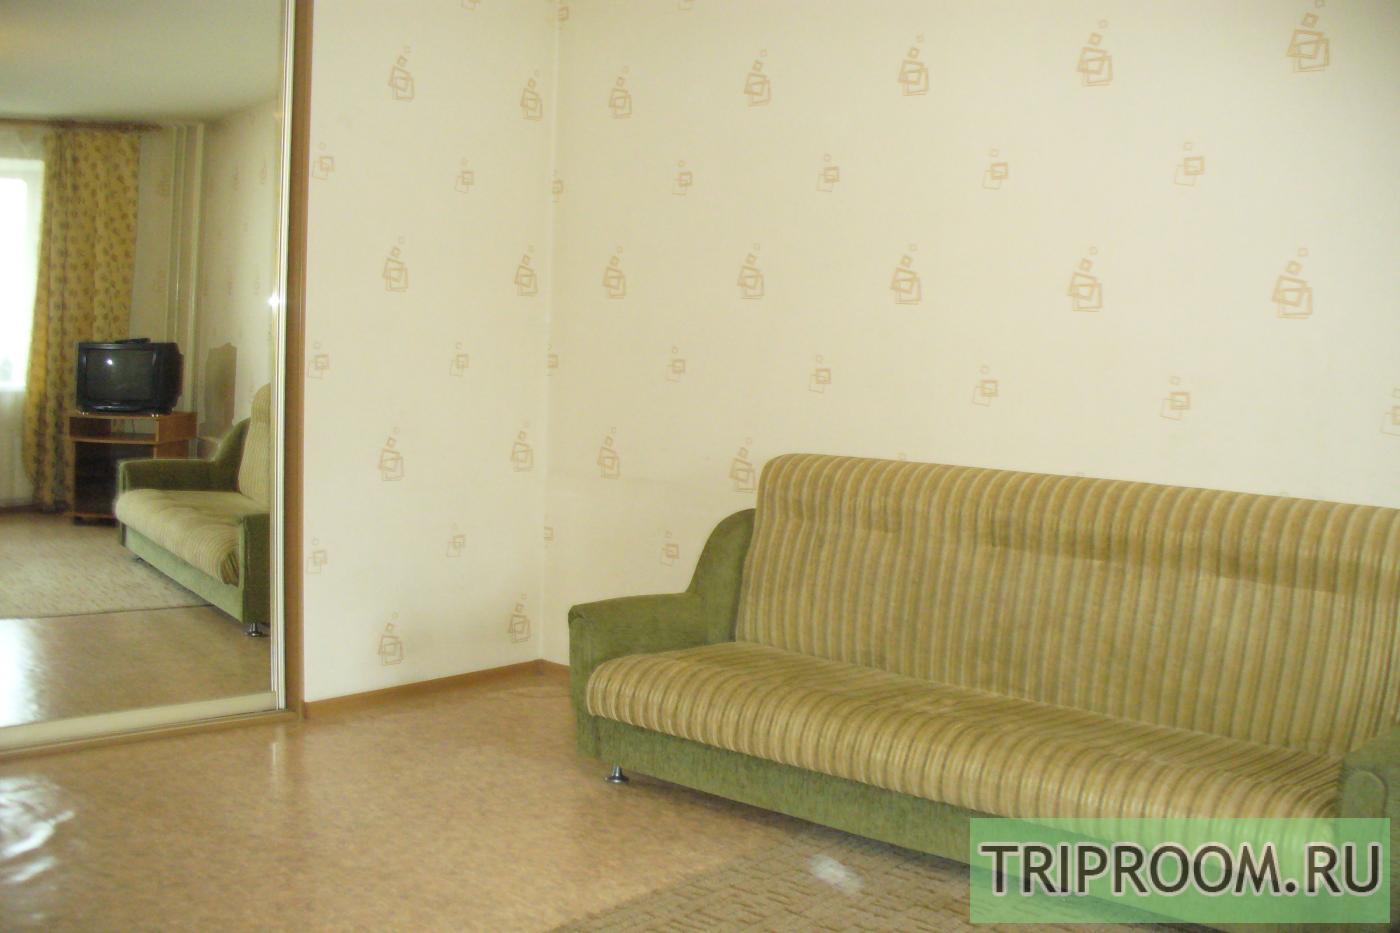 1-комнатная квартира посуточно (вариант № 15391), ул. Елизаровых улица, фото № 4